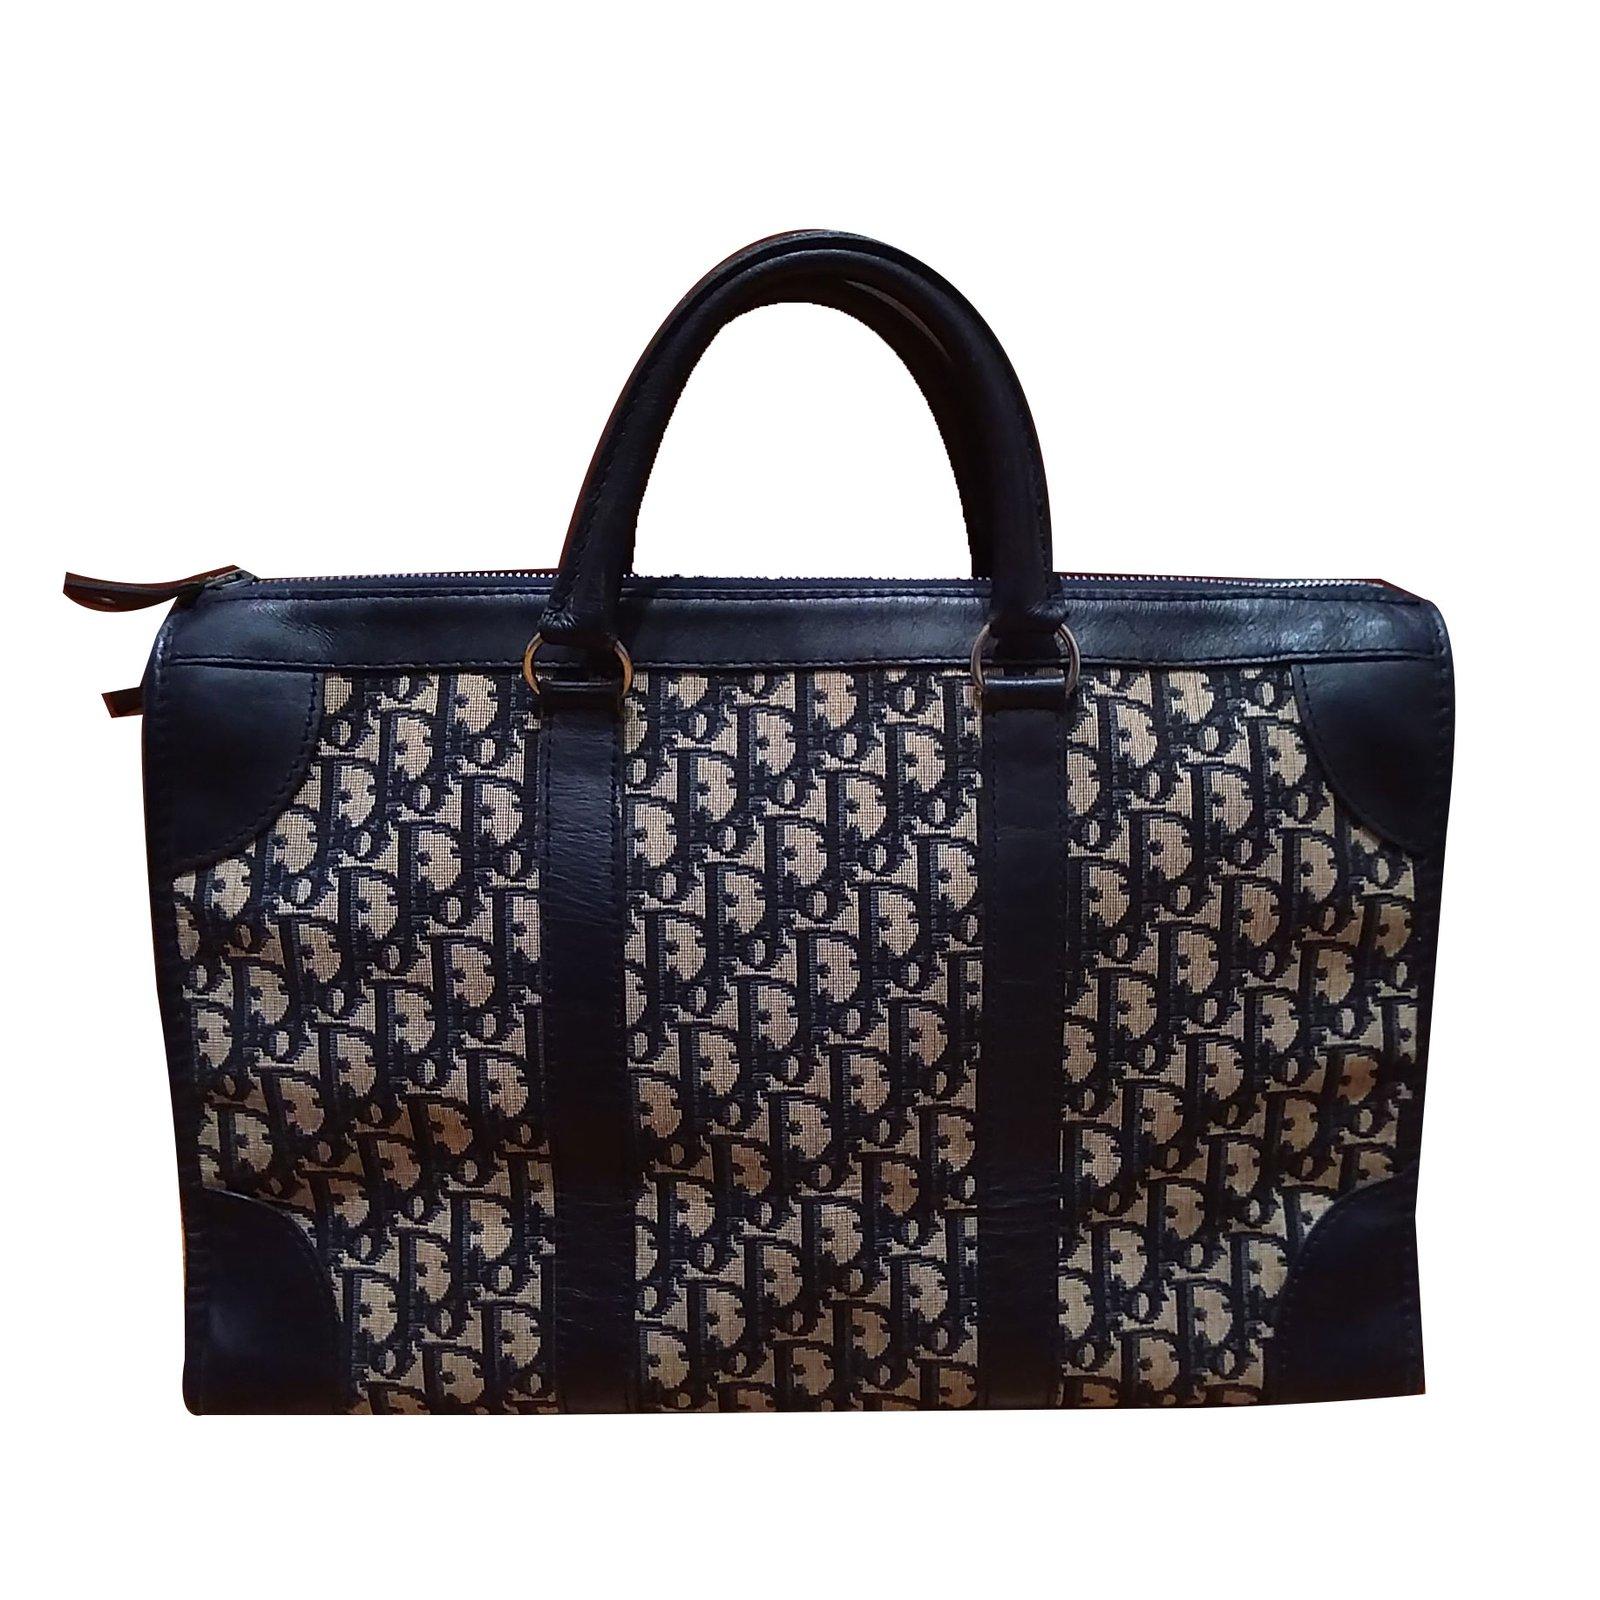 4afc01cfa44 Christian Dior tote monogram oblique. Handbags Cloth Blue ref.68806 ...